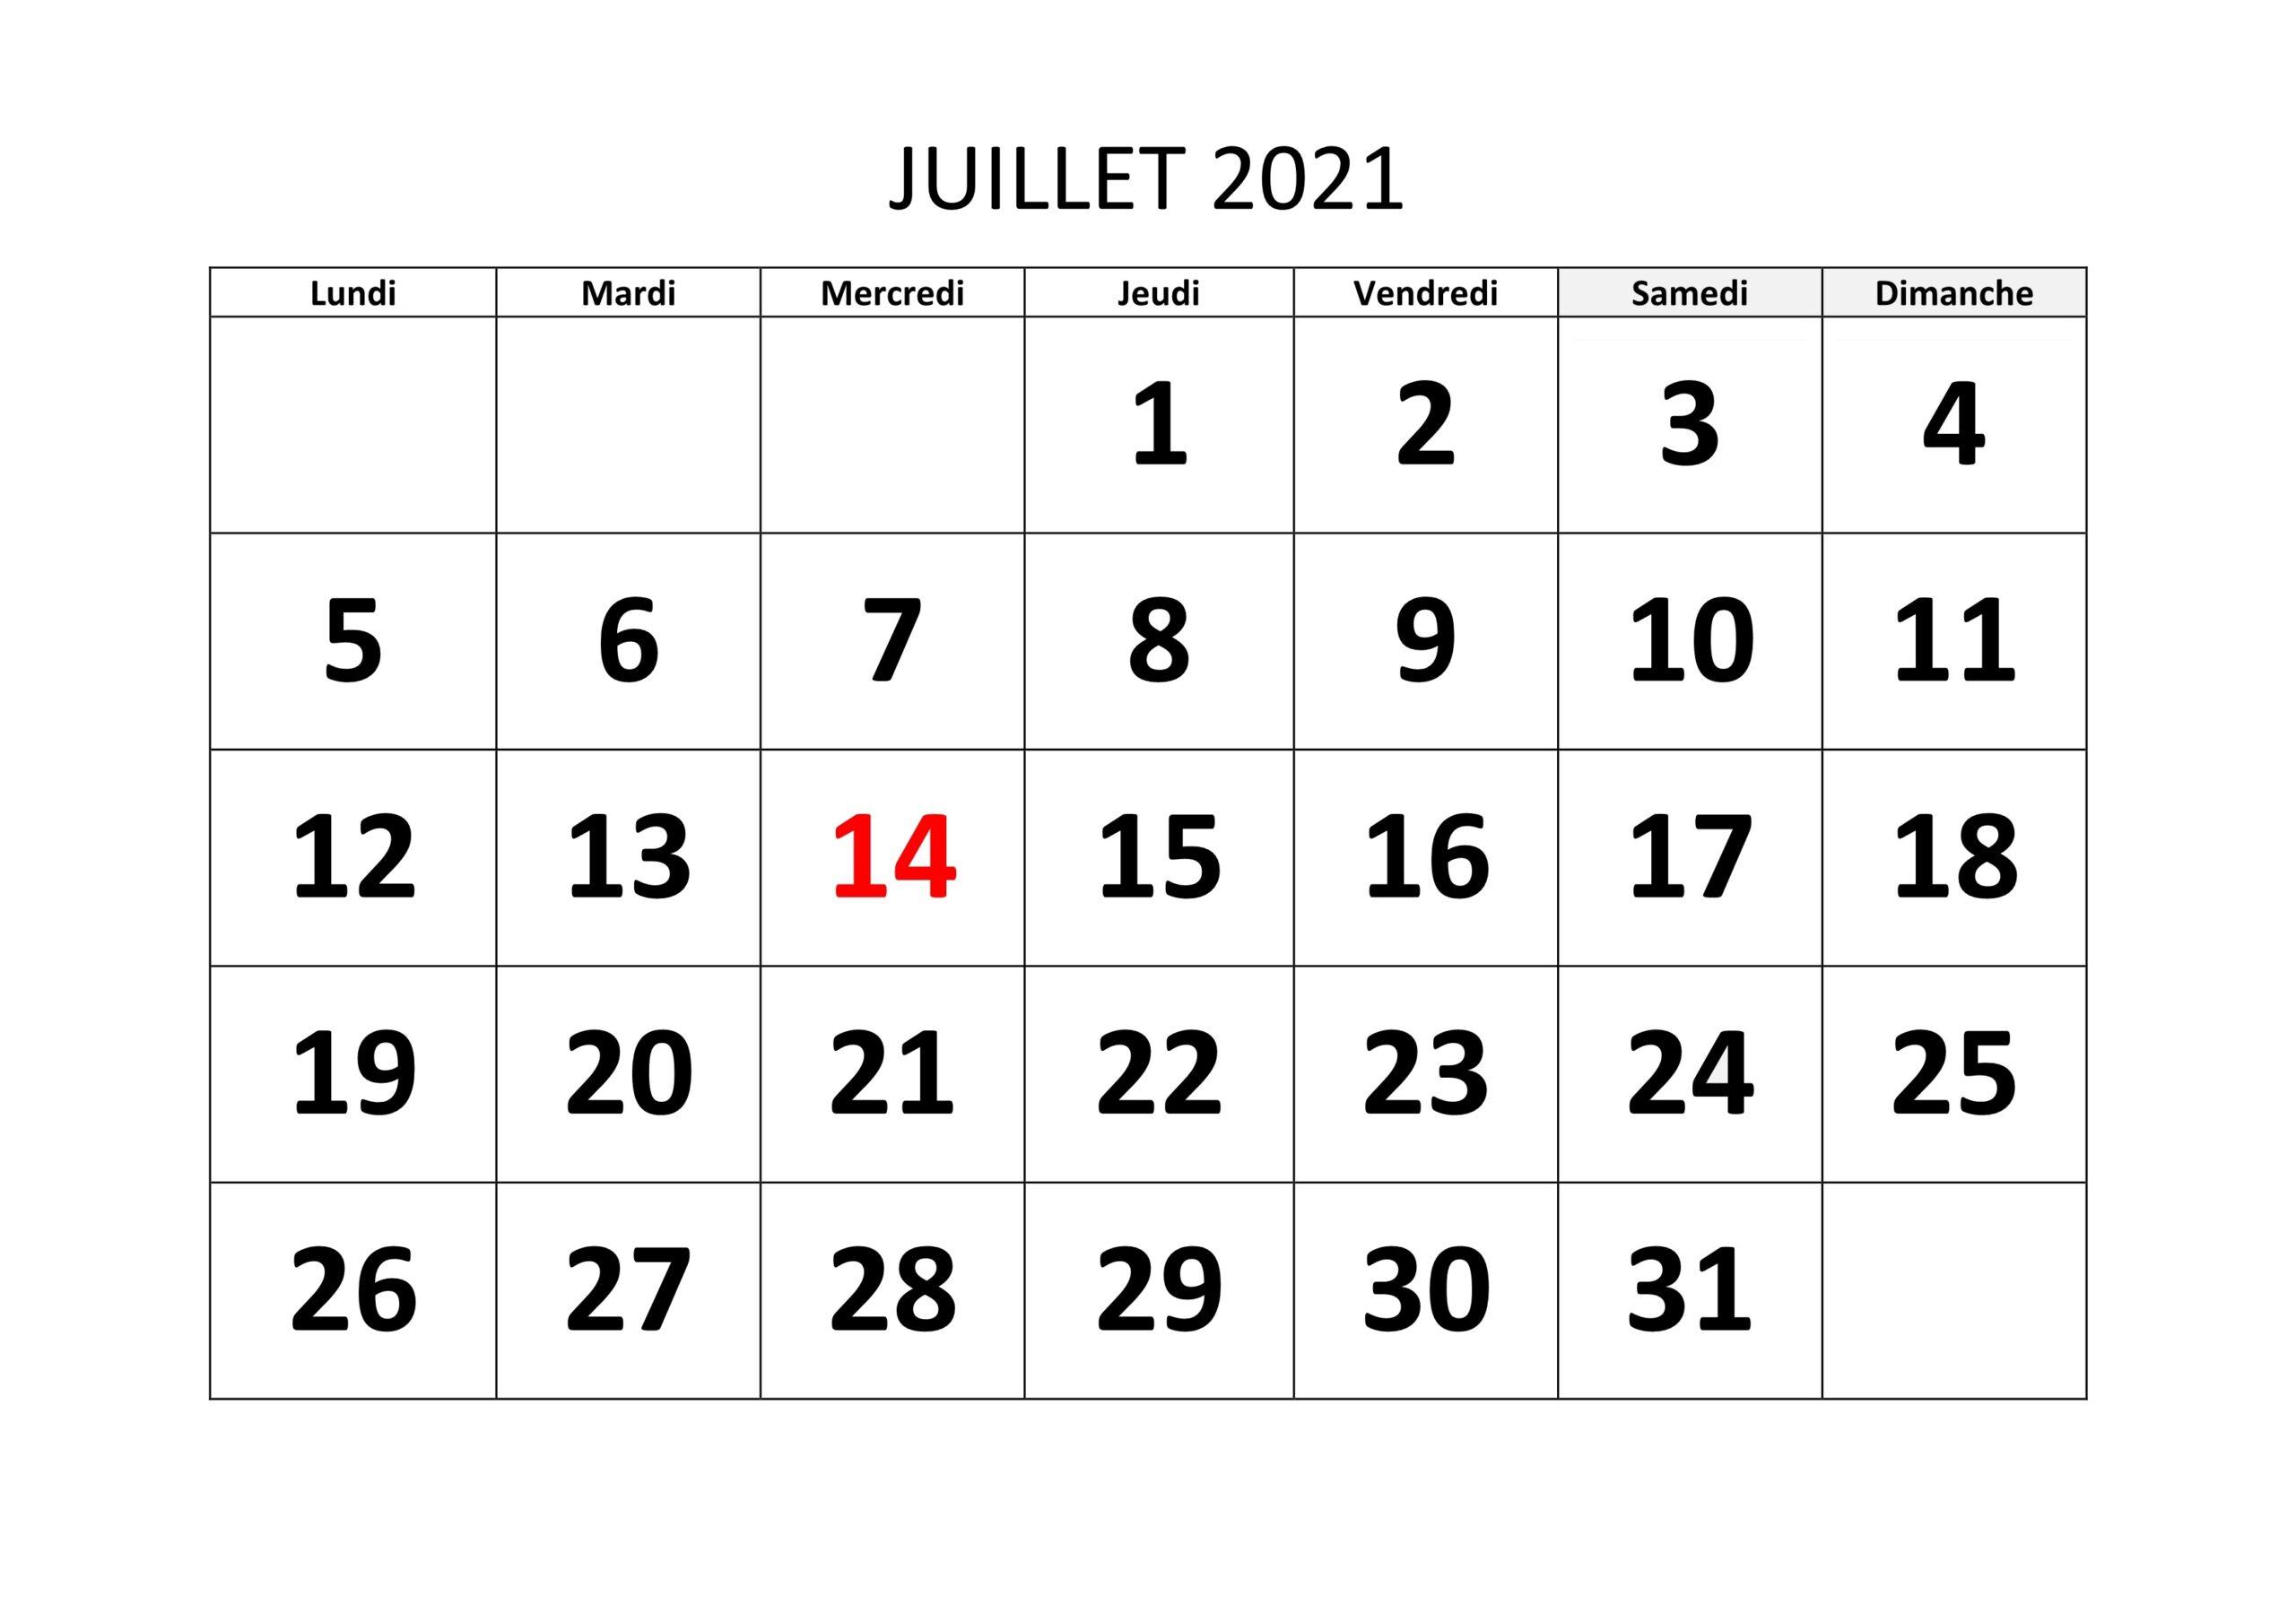 Juillet 2021 Calendrier